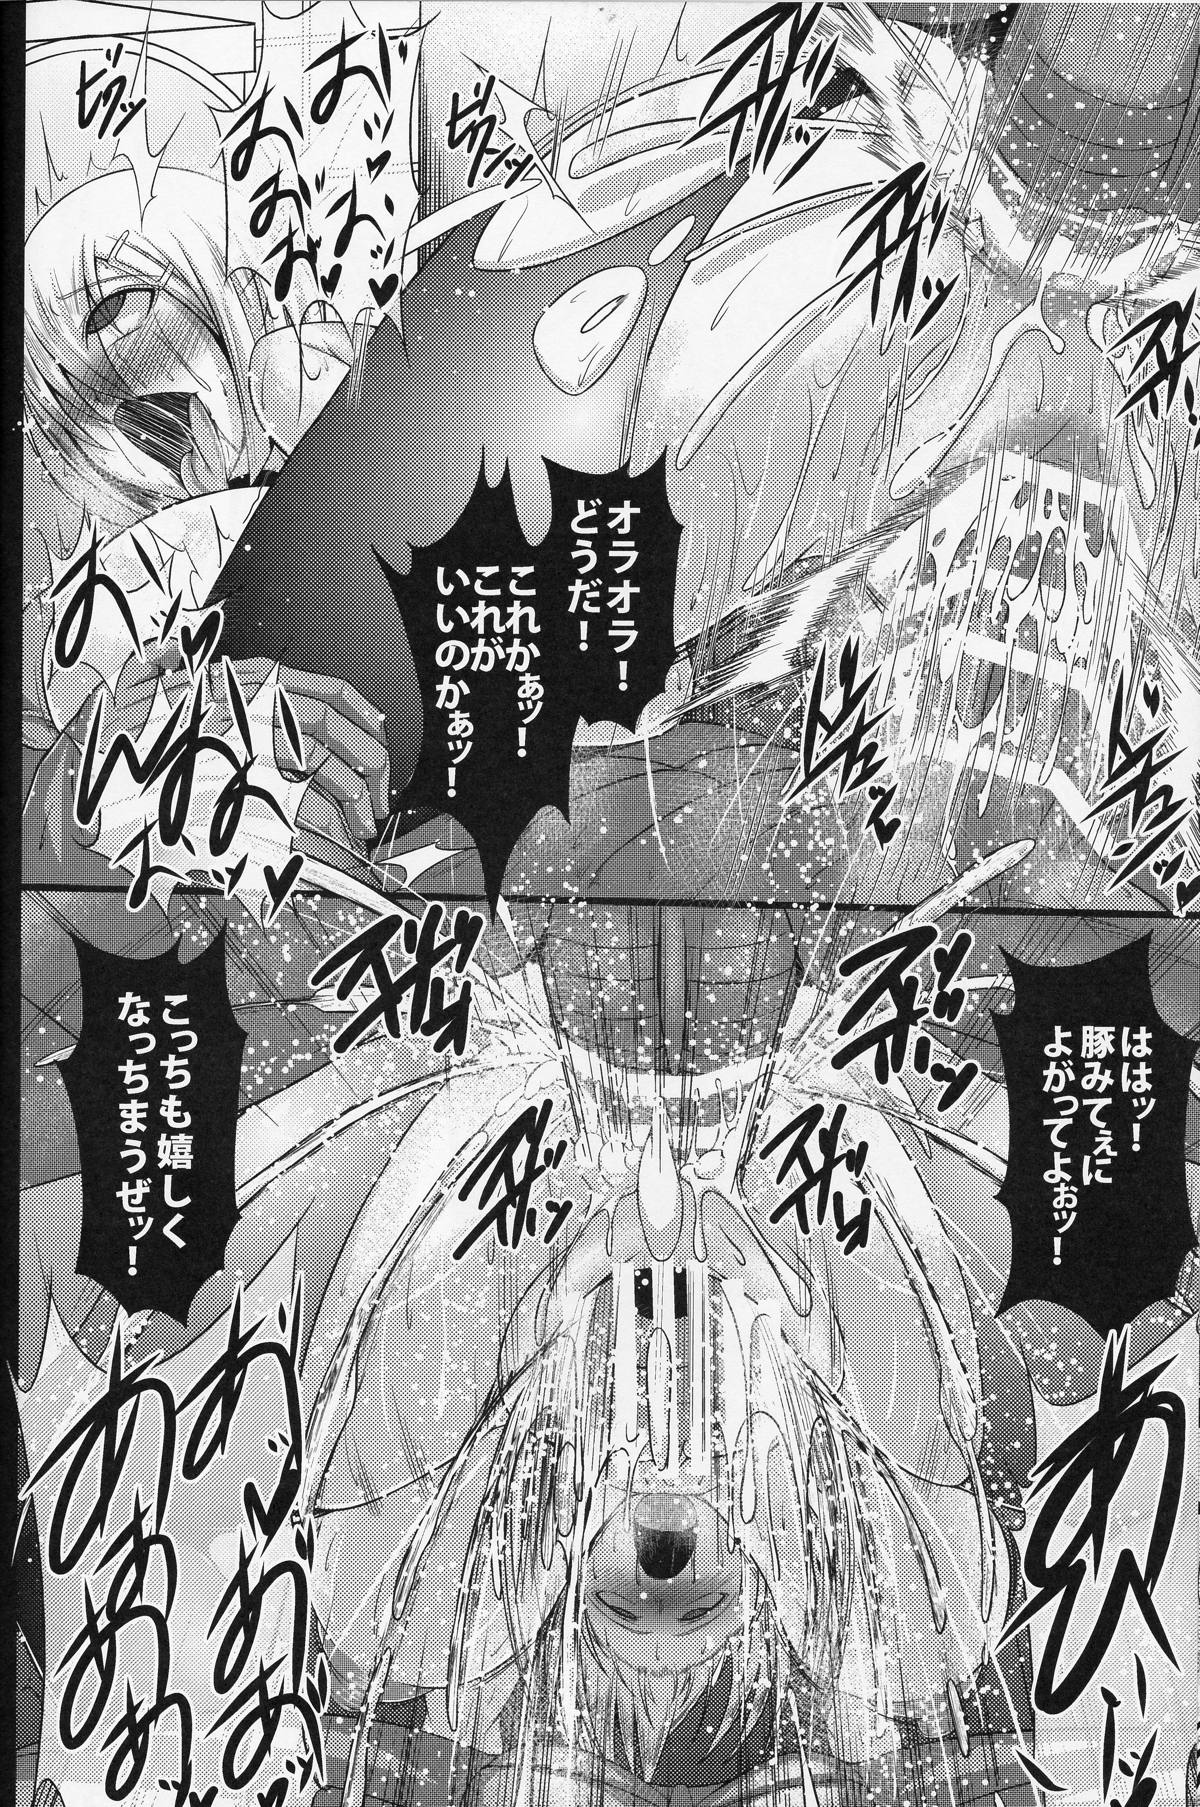 【エロ漫画】ガキマンコはトイレで犯し尽すに限りますねぇ!!!wwもうチンポ突かれすぎて自我が崩壊寸前じゃないですかーwww